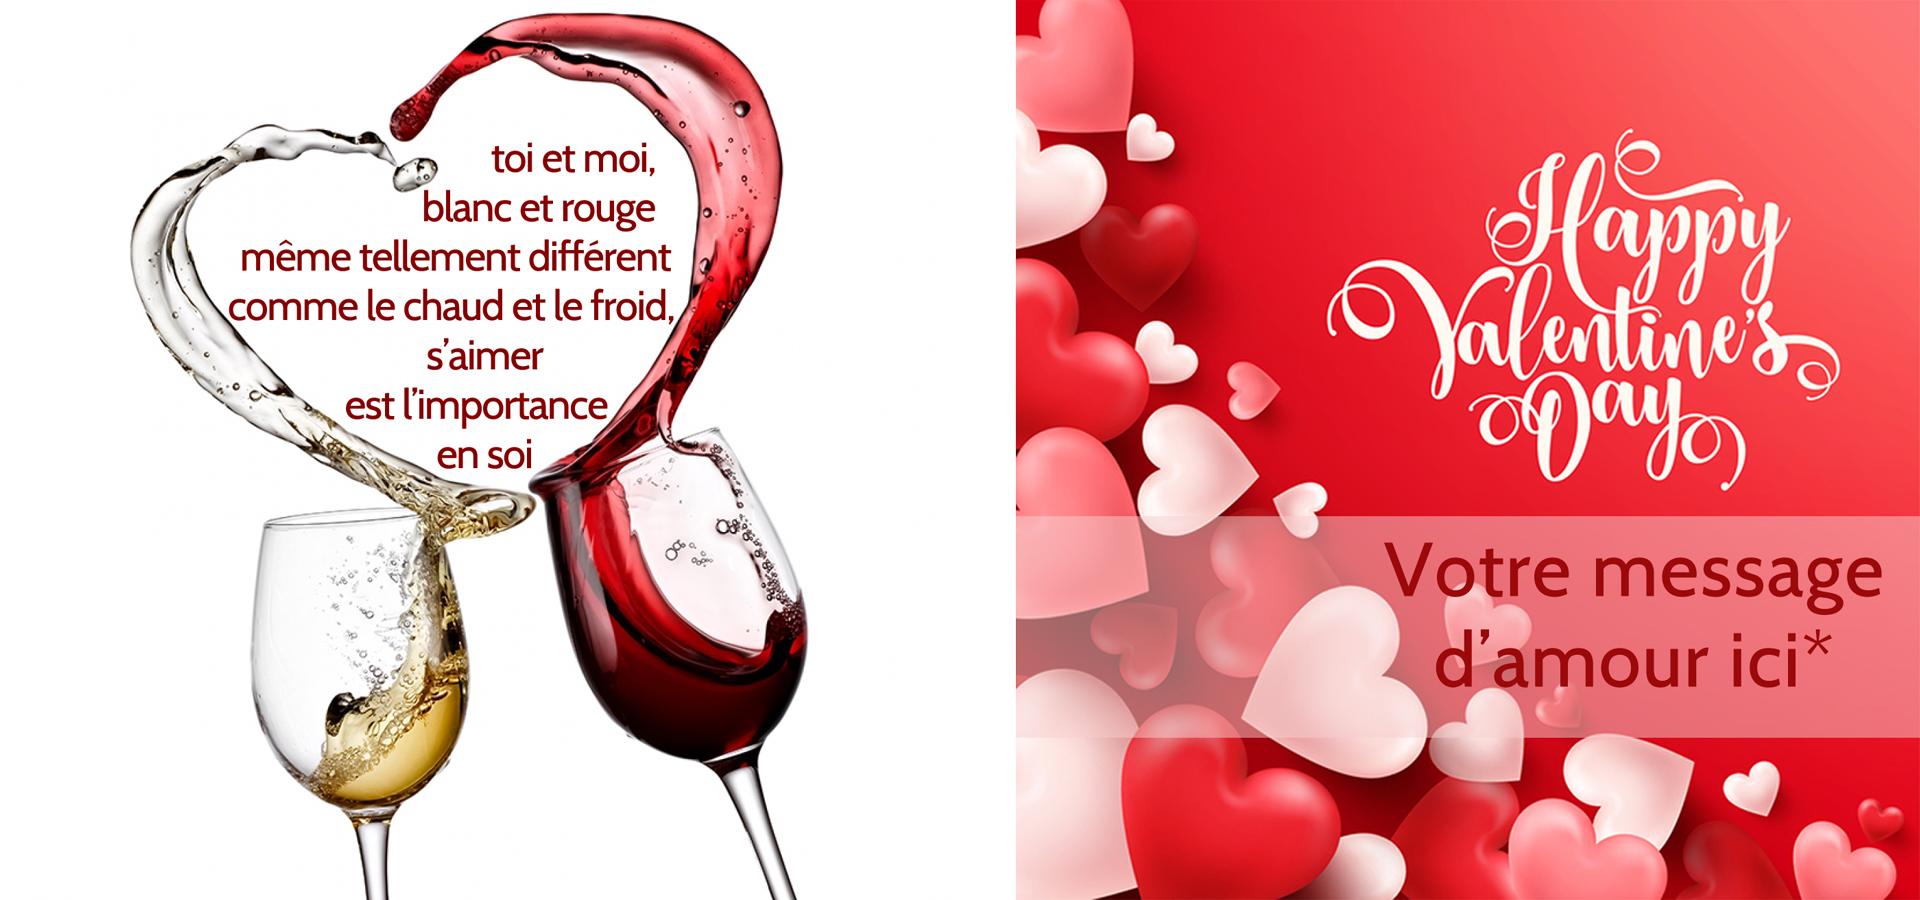 Valentin vins romantiques